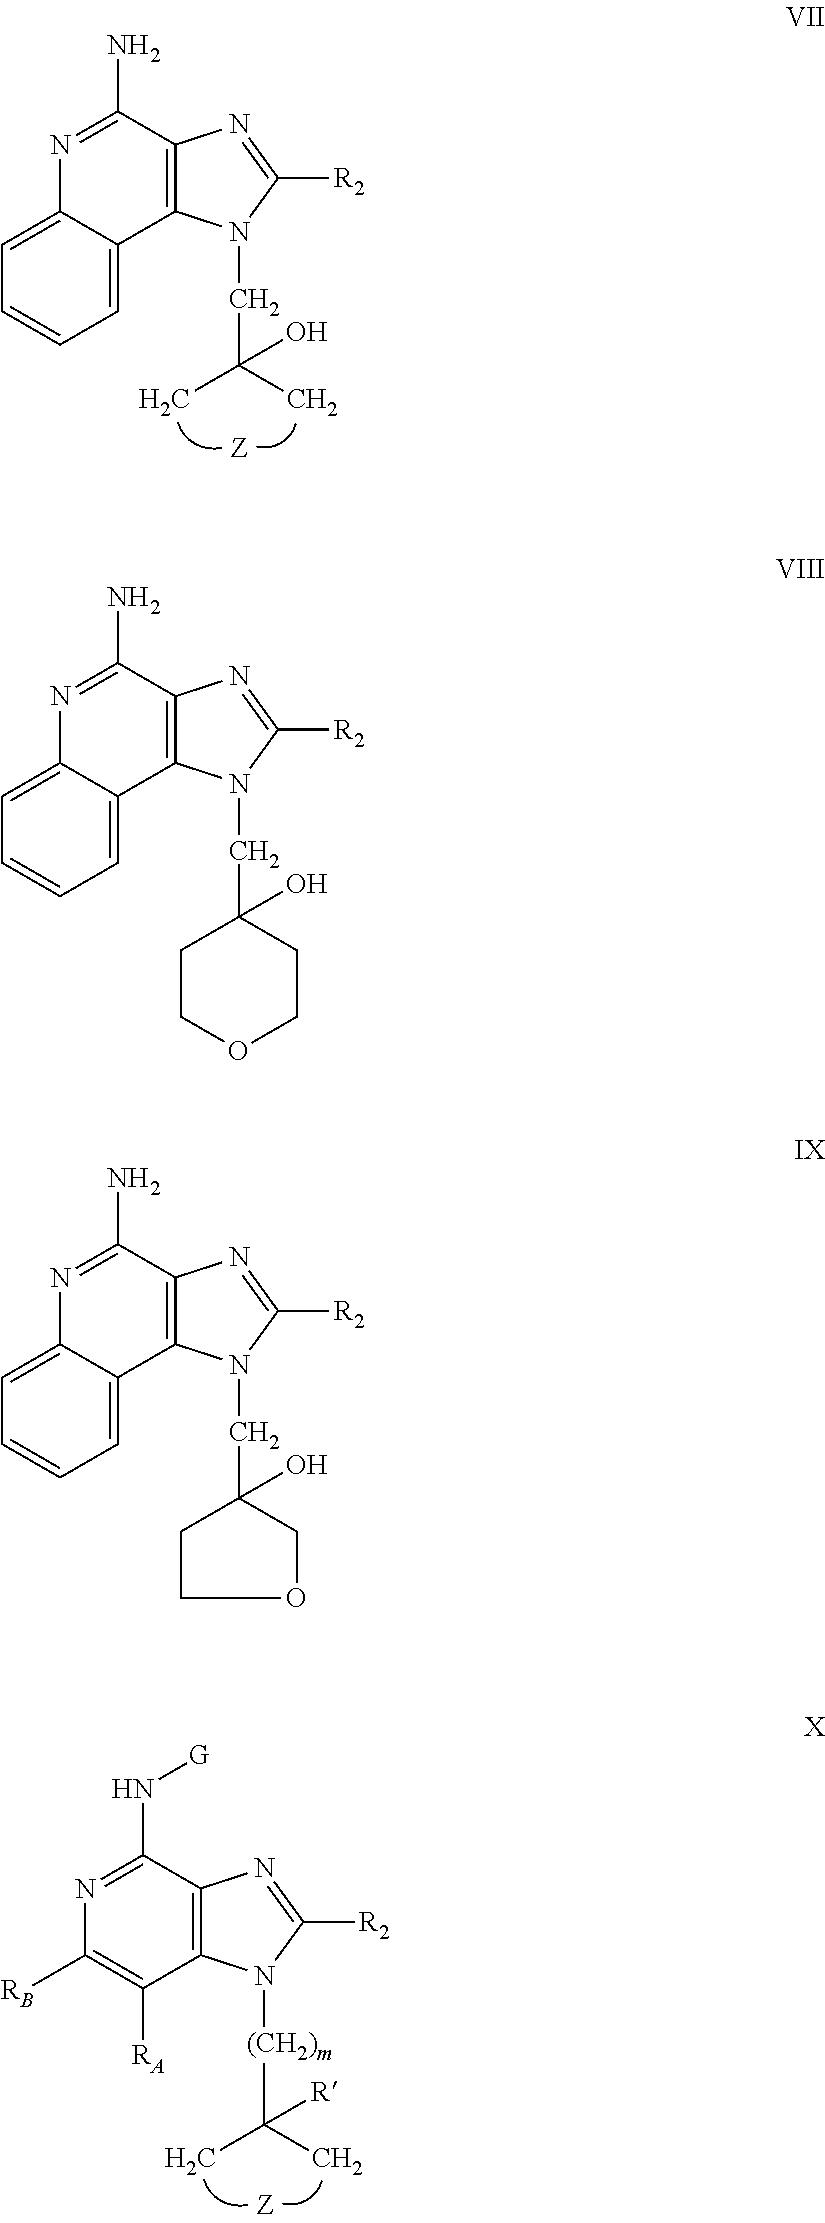 Figure US08541438-20130924-C00004